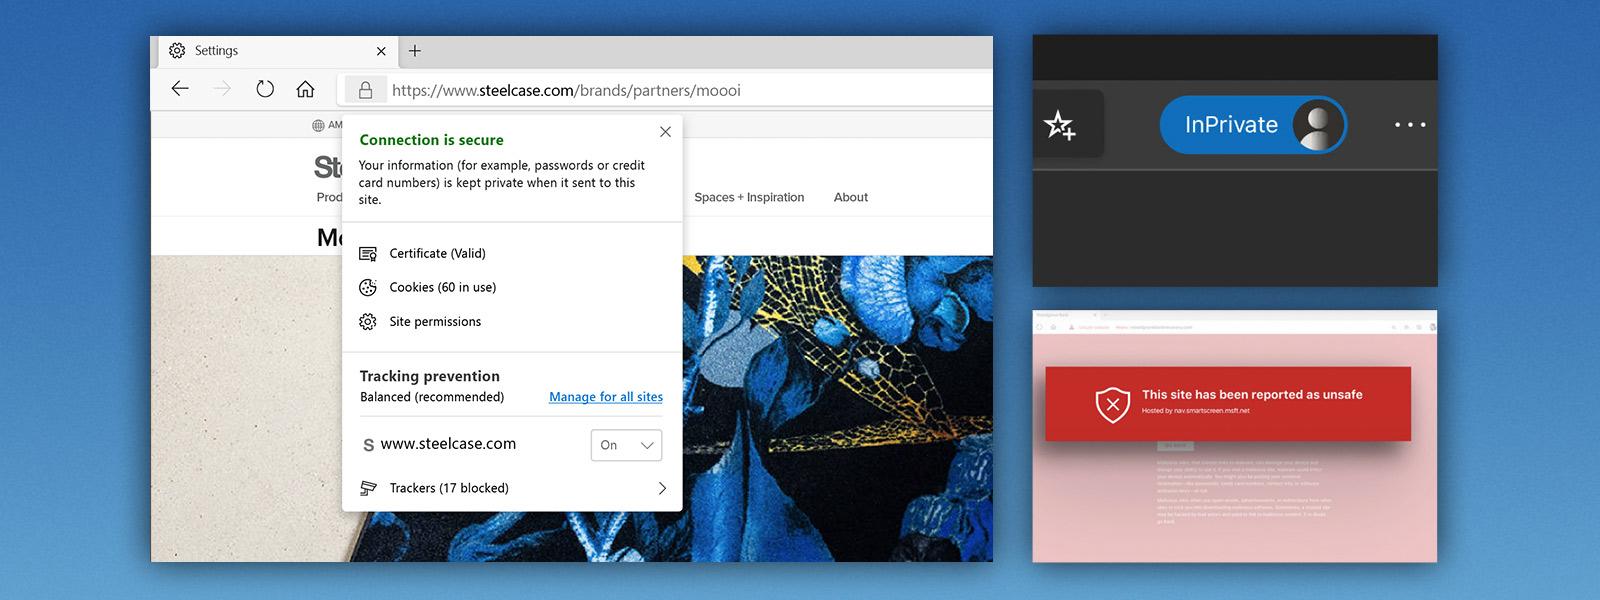 Microsoft Edge-Browserbildschirm, auf dem Datenschutz- und Sicherheitsfunktionen angezeigt werden